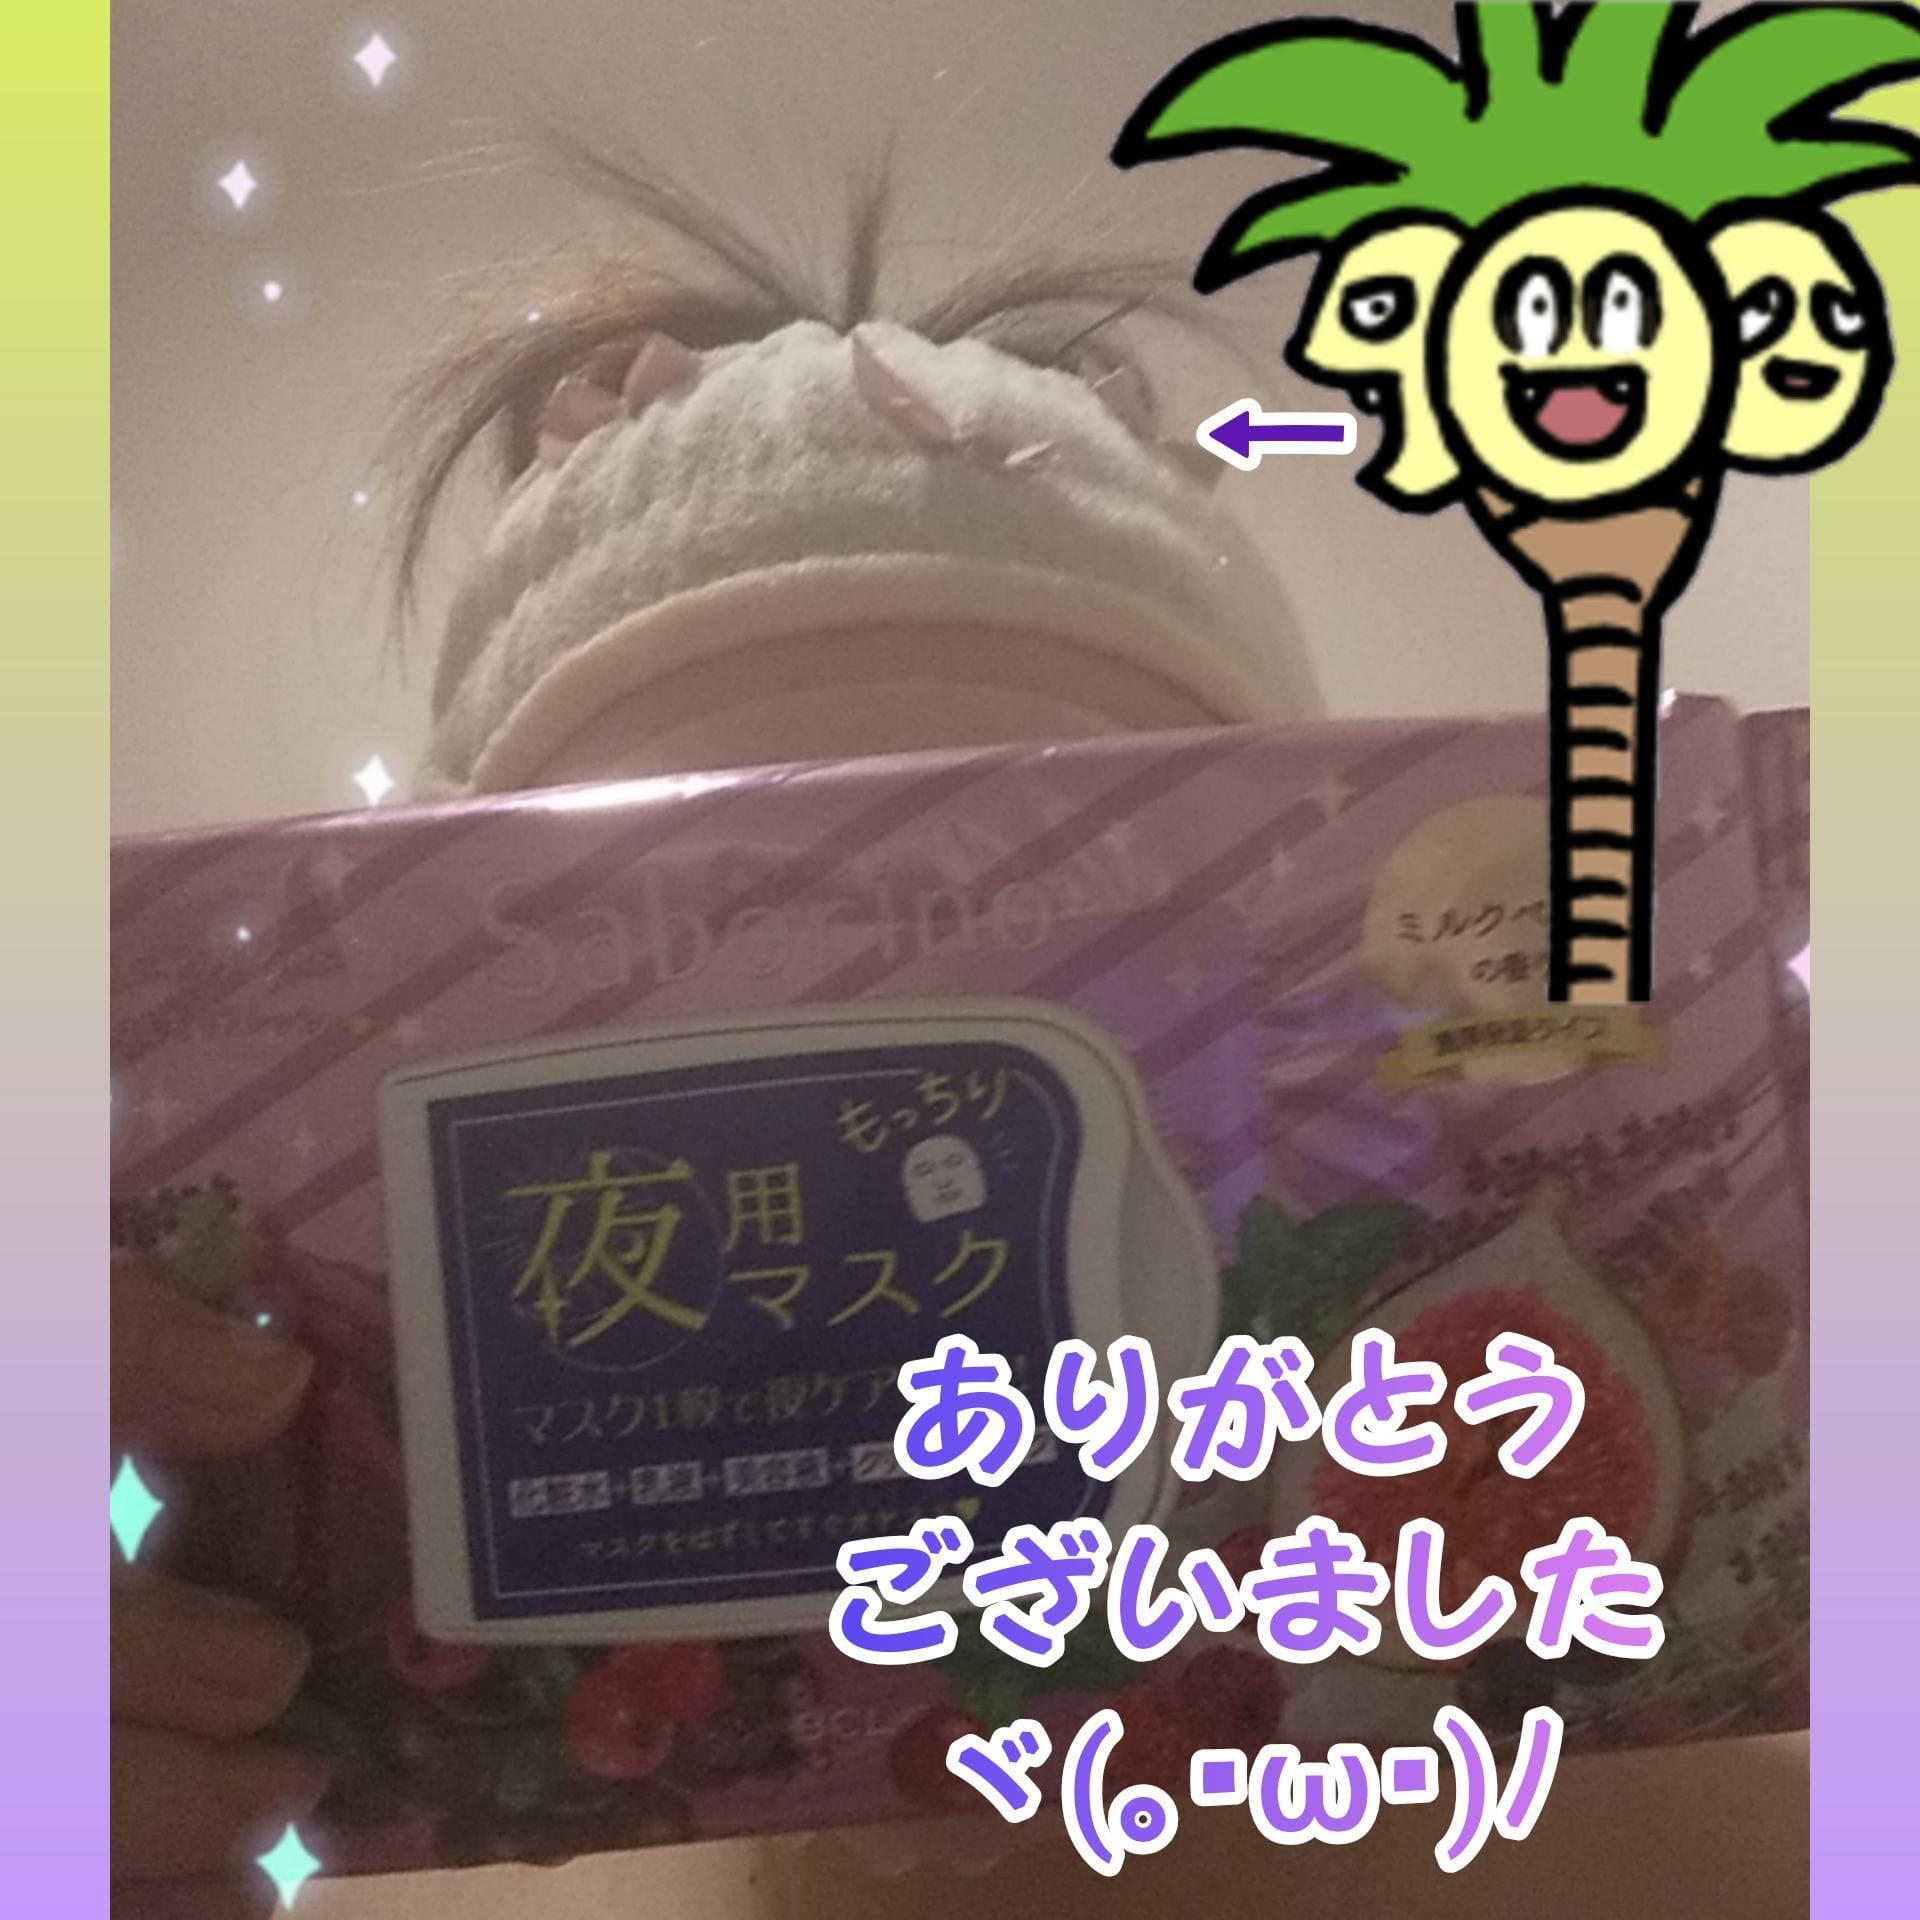 「ありがとう(?uωu)♪」05/26(火) 00:50 | カゴメの写メ・風俗動画